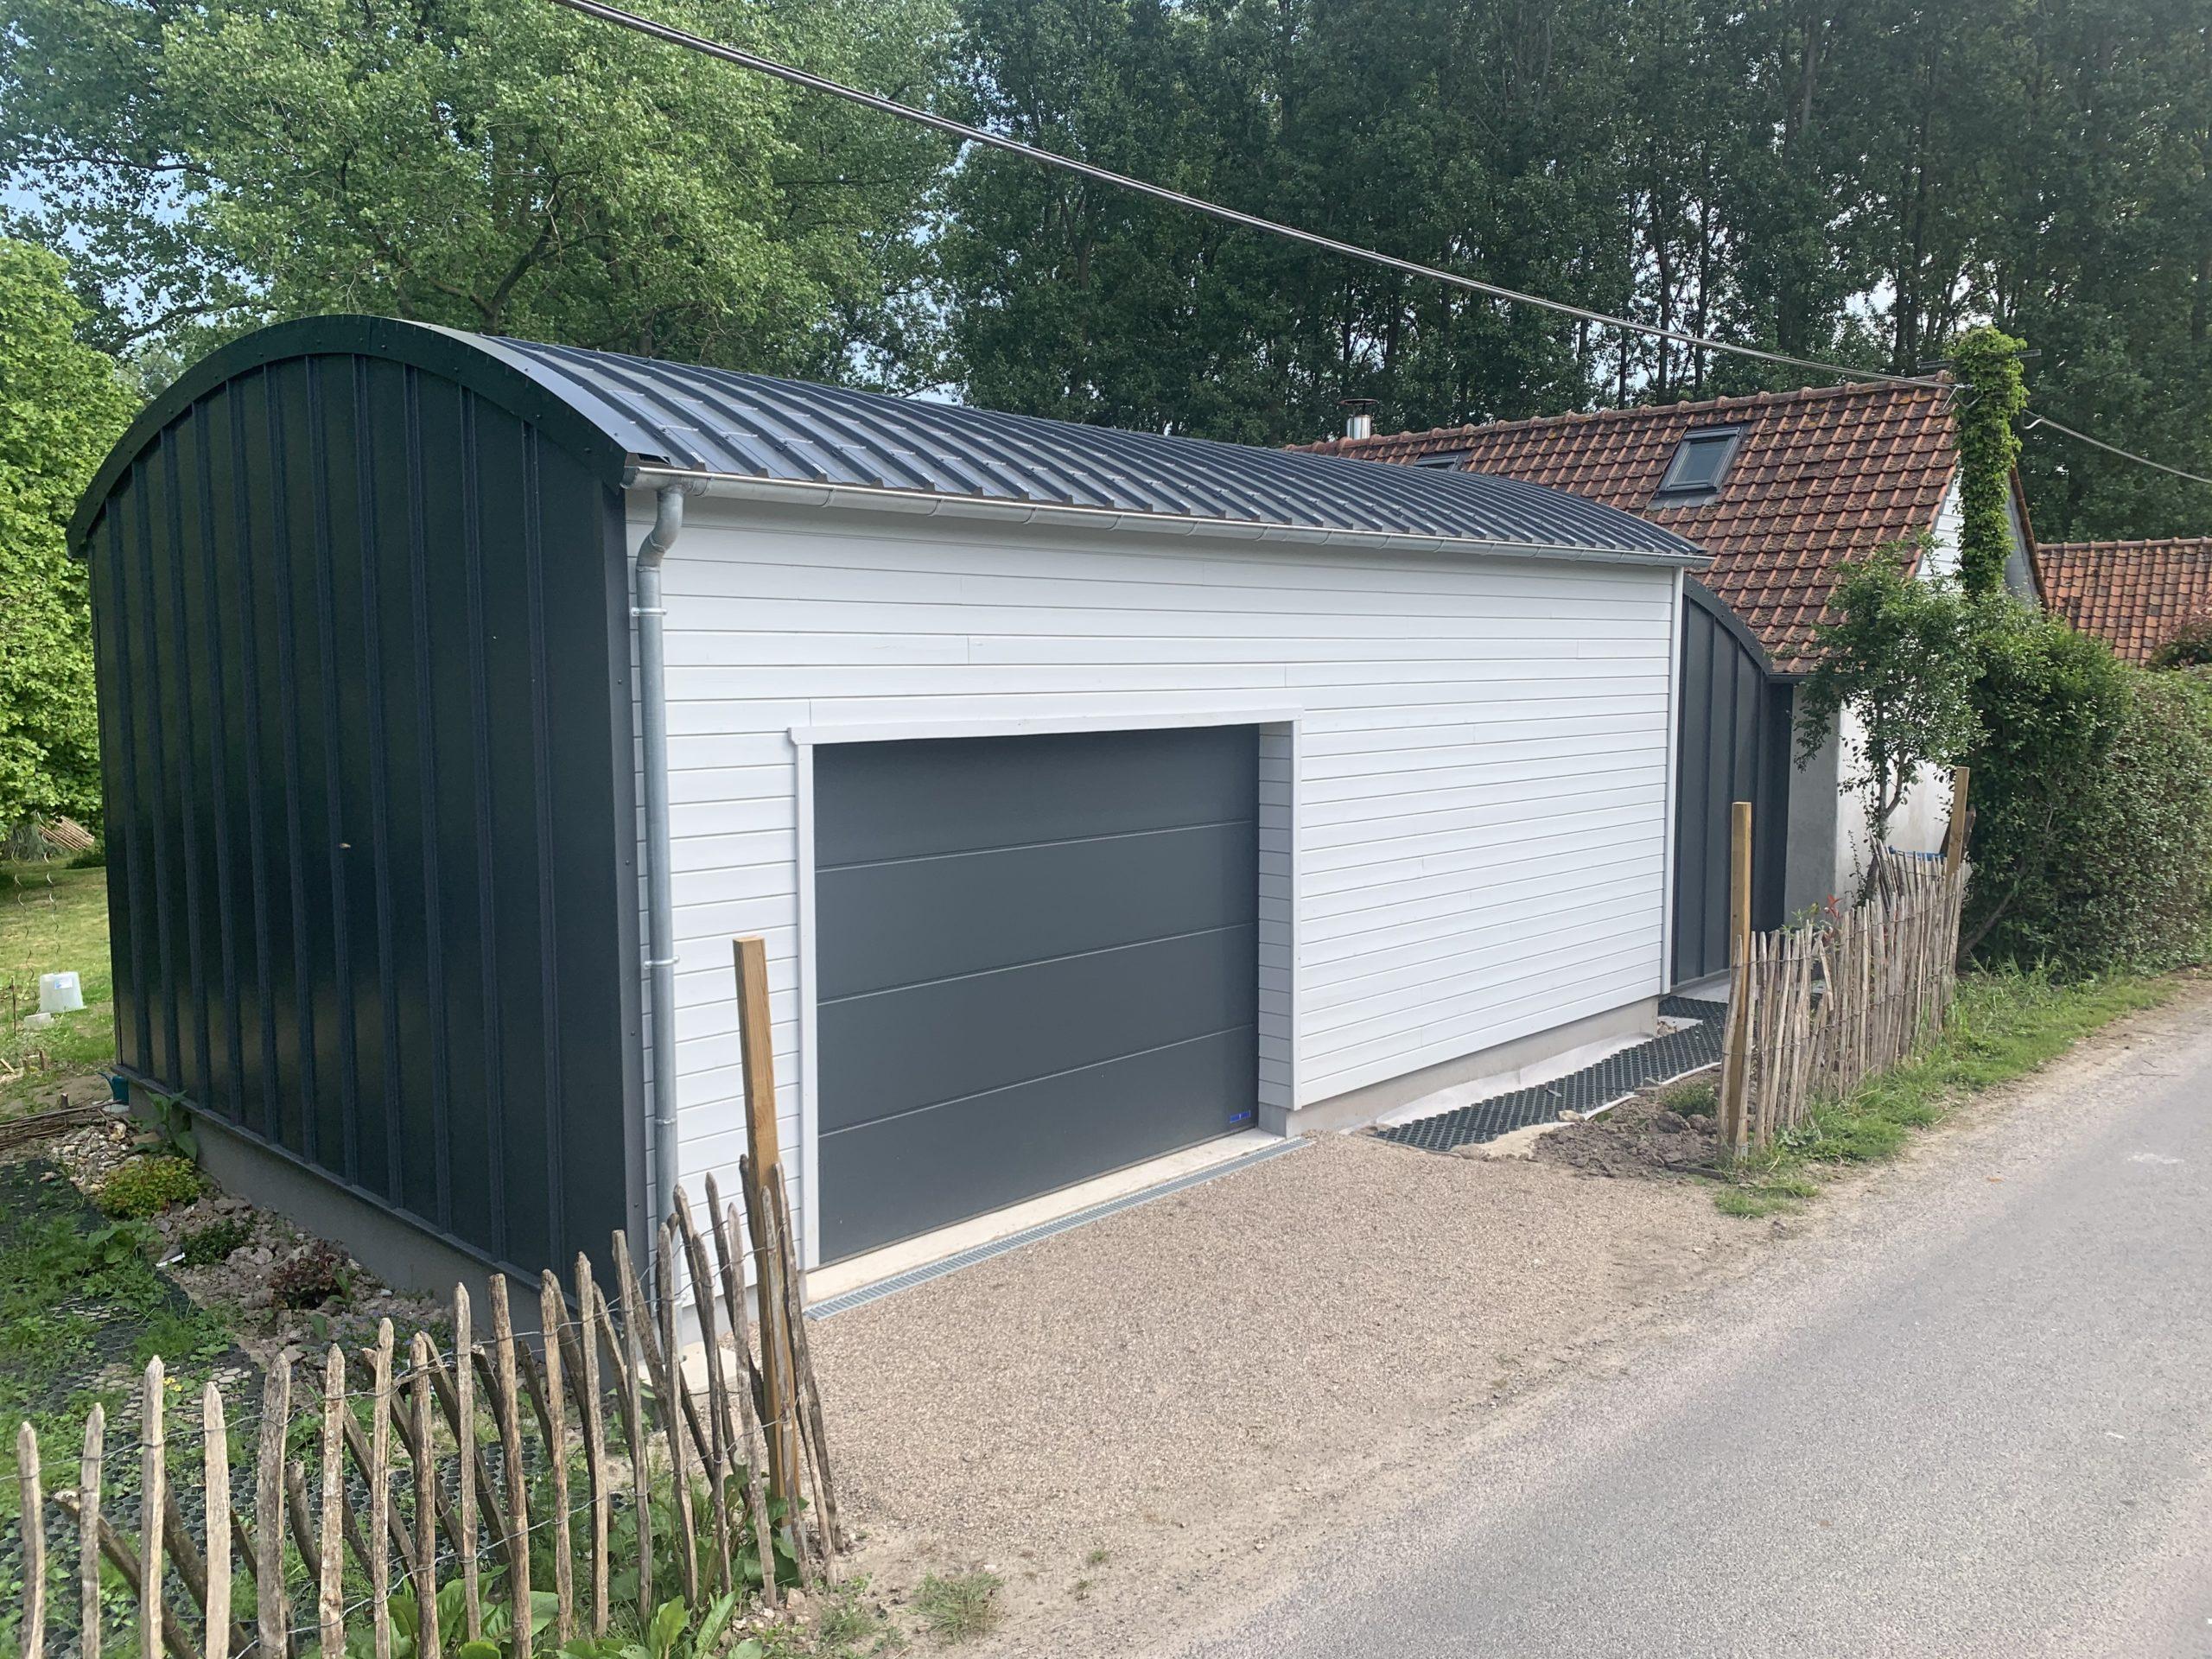 Garage ossature bois avec bardage bois et tôle Maukaline - BERNAY-en-PONTHIEU- 80